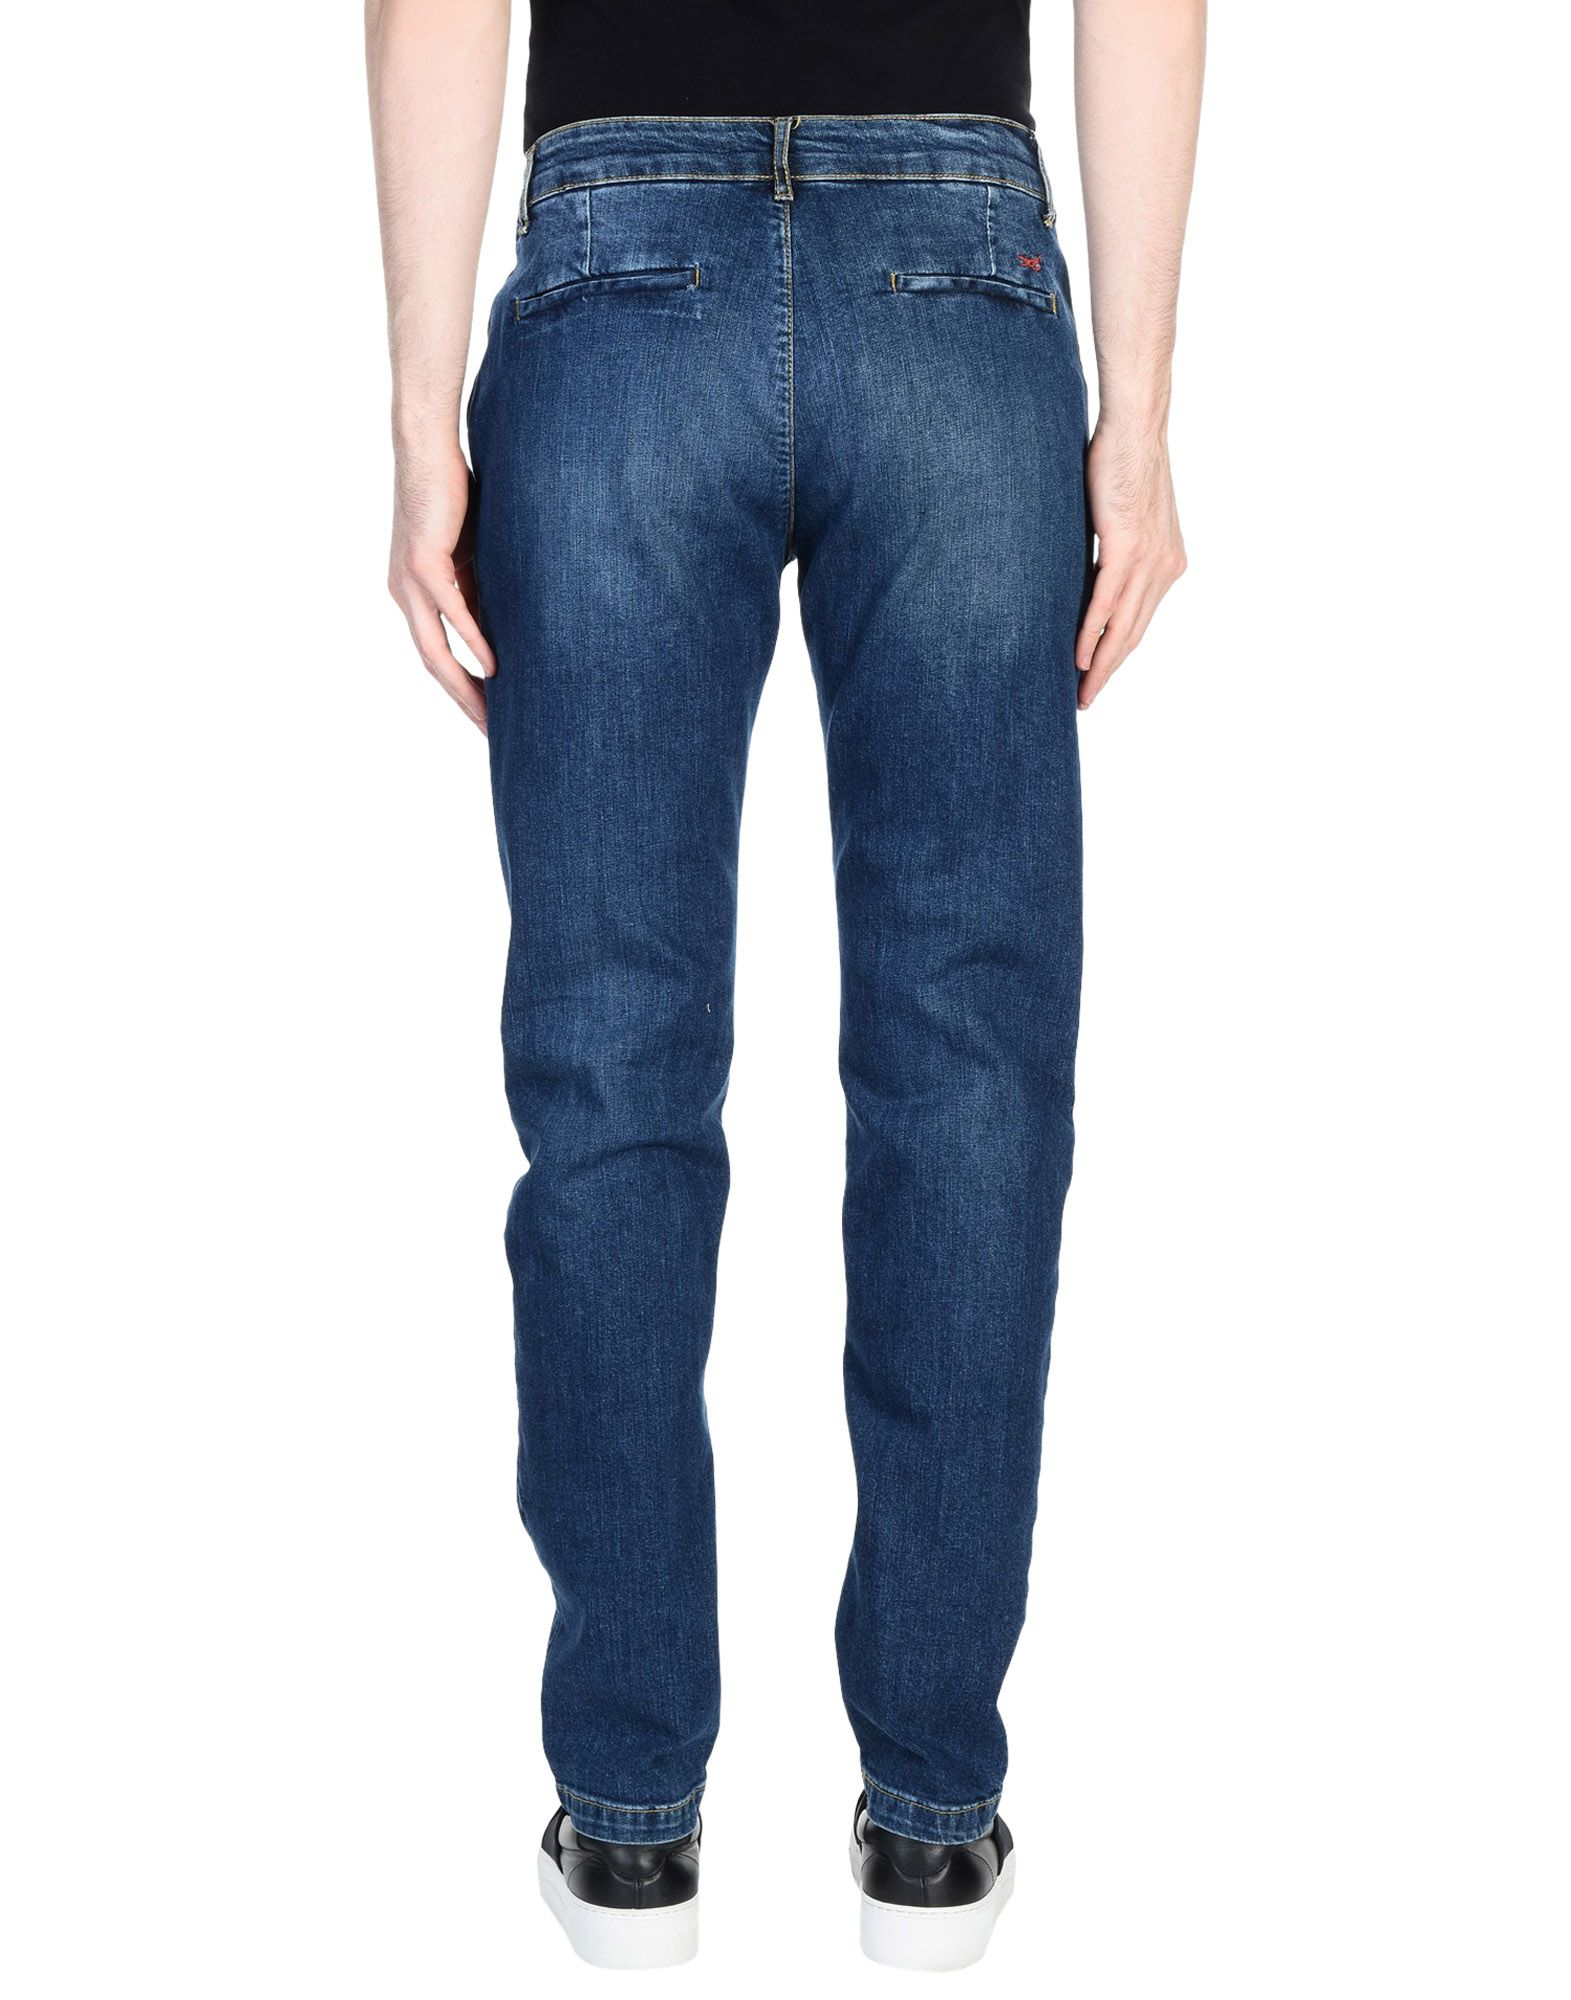 Pantaloni Jeans Jeans Pantaloni Dirtypage Uomo - 42656381IQ 114a08